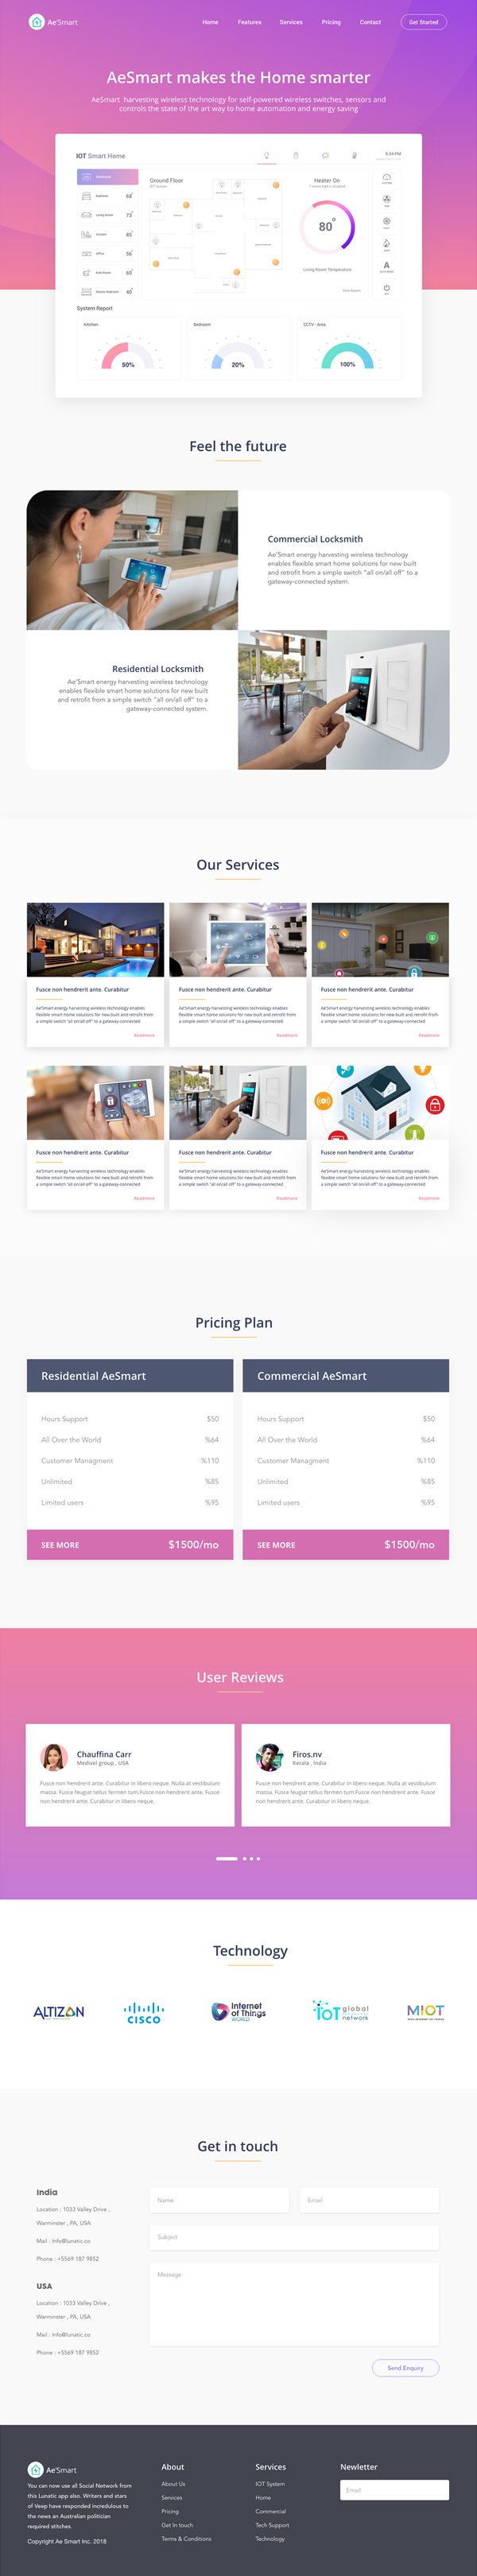 IOT Smart Home - Landing Page Free UI KIT